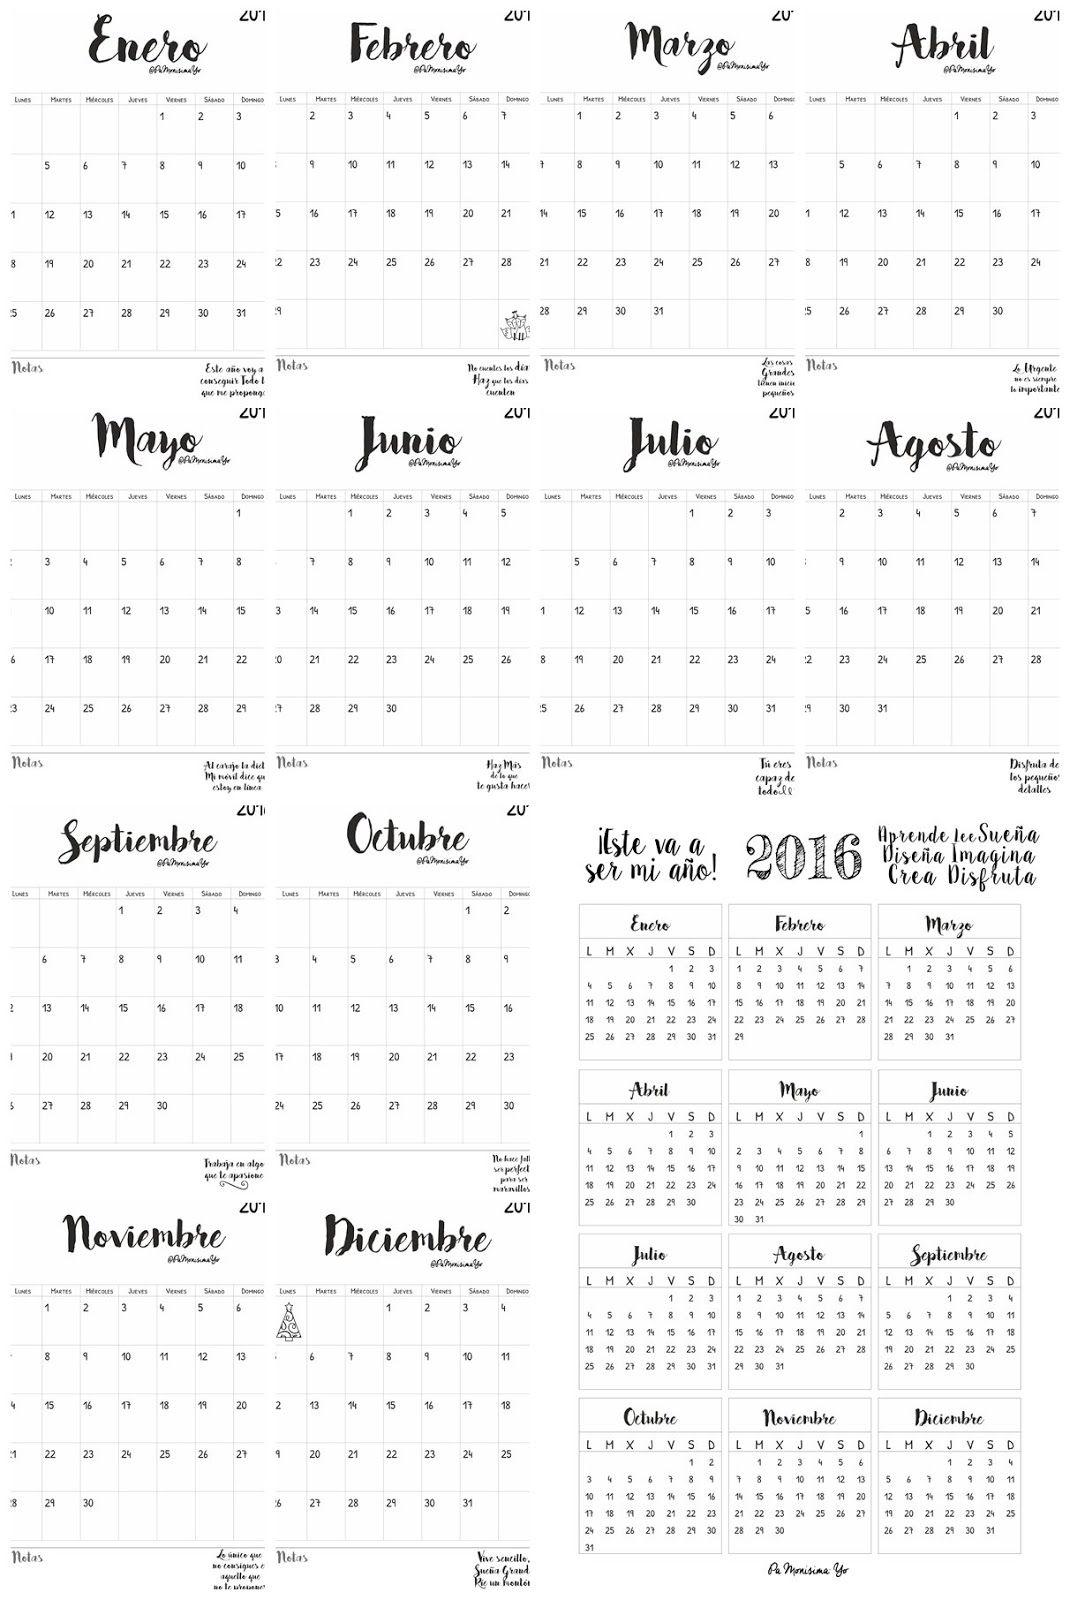 Calendarios mensual y anual 2016 @pamonisimayo